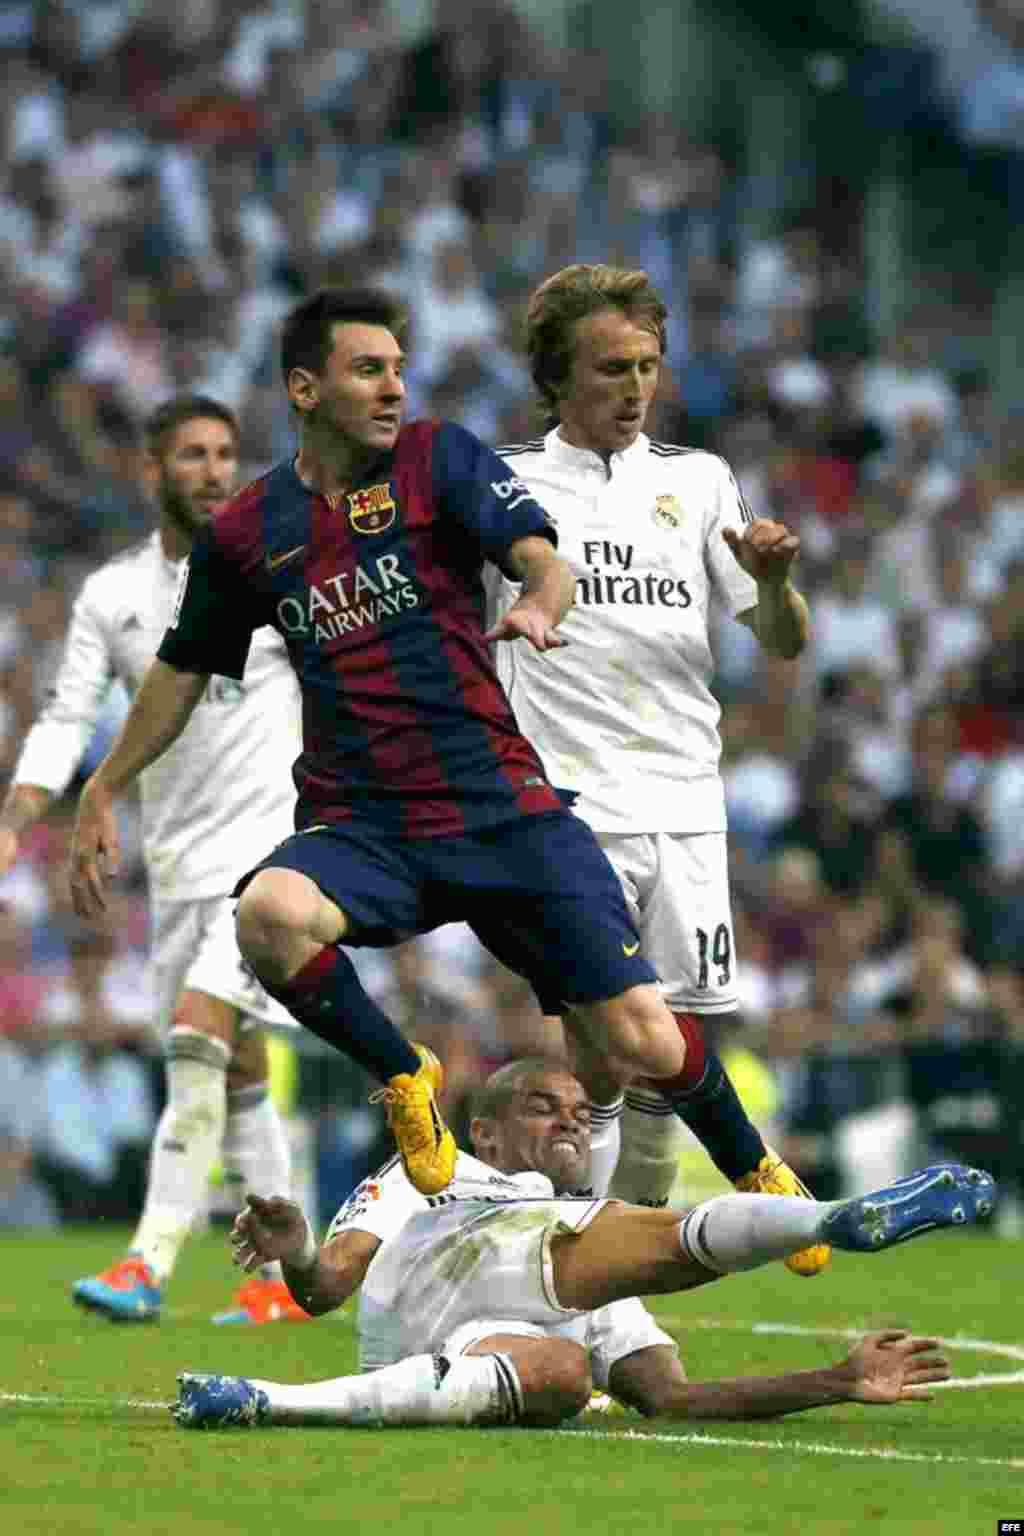 """El delantero argentino del FC Barcelona Lionel Messi (i) y el defensa portugués del Real Madrid Kléper Laveran """"Pepe"""" (abajo), durante el partido de la novena jornada de Liga de Primera División disputado el sábado 25 de octubre en el estadio Santiago Bernabéu."""